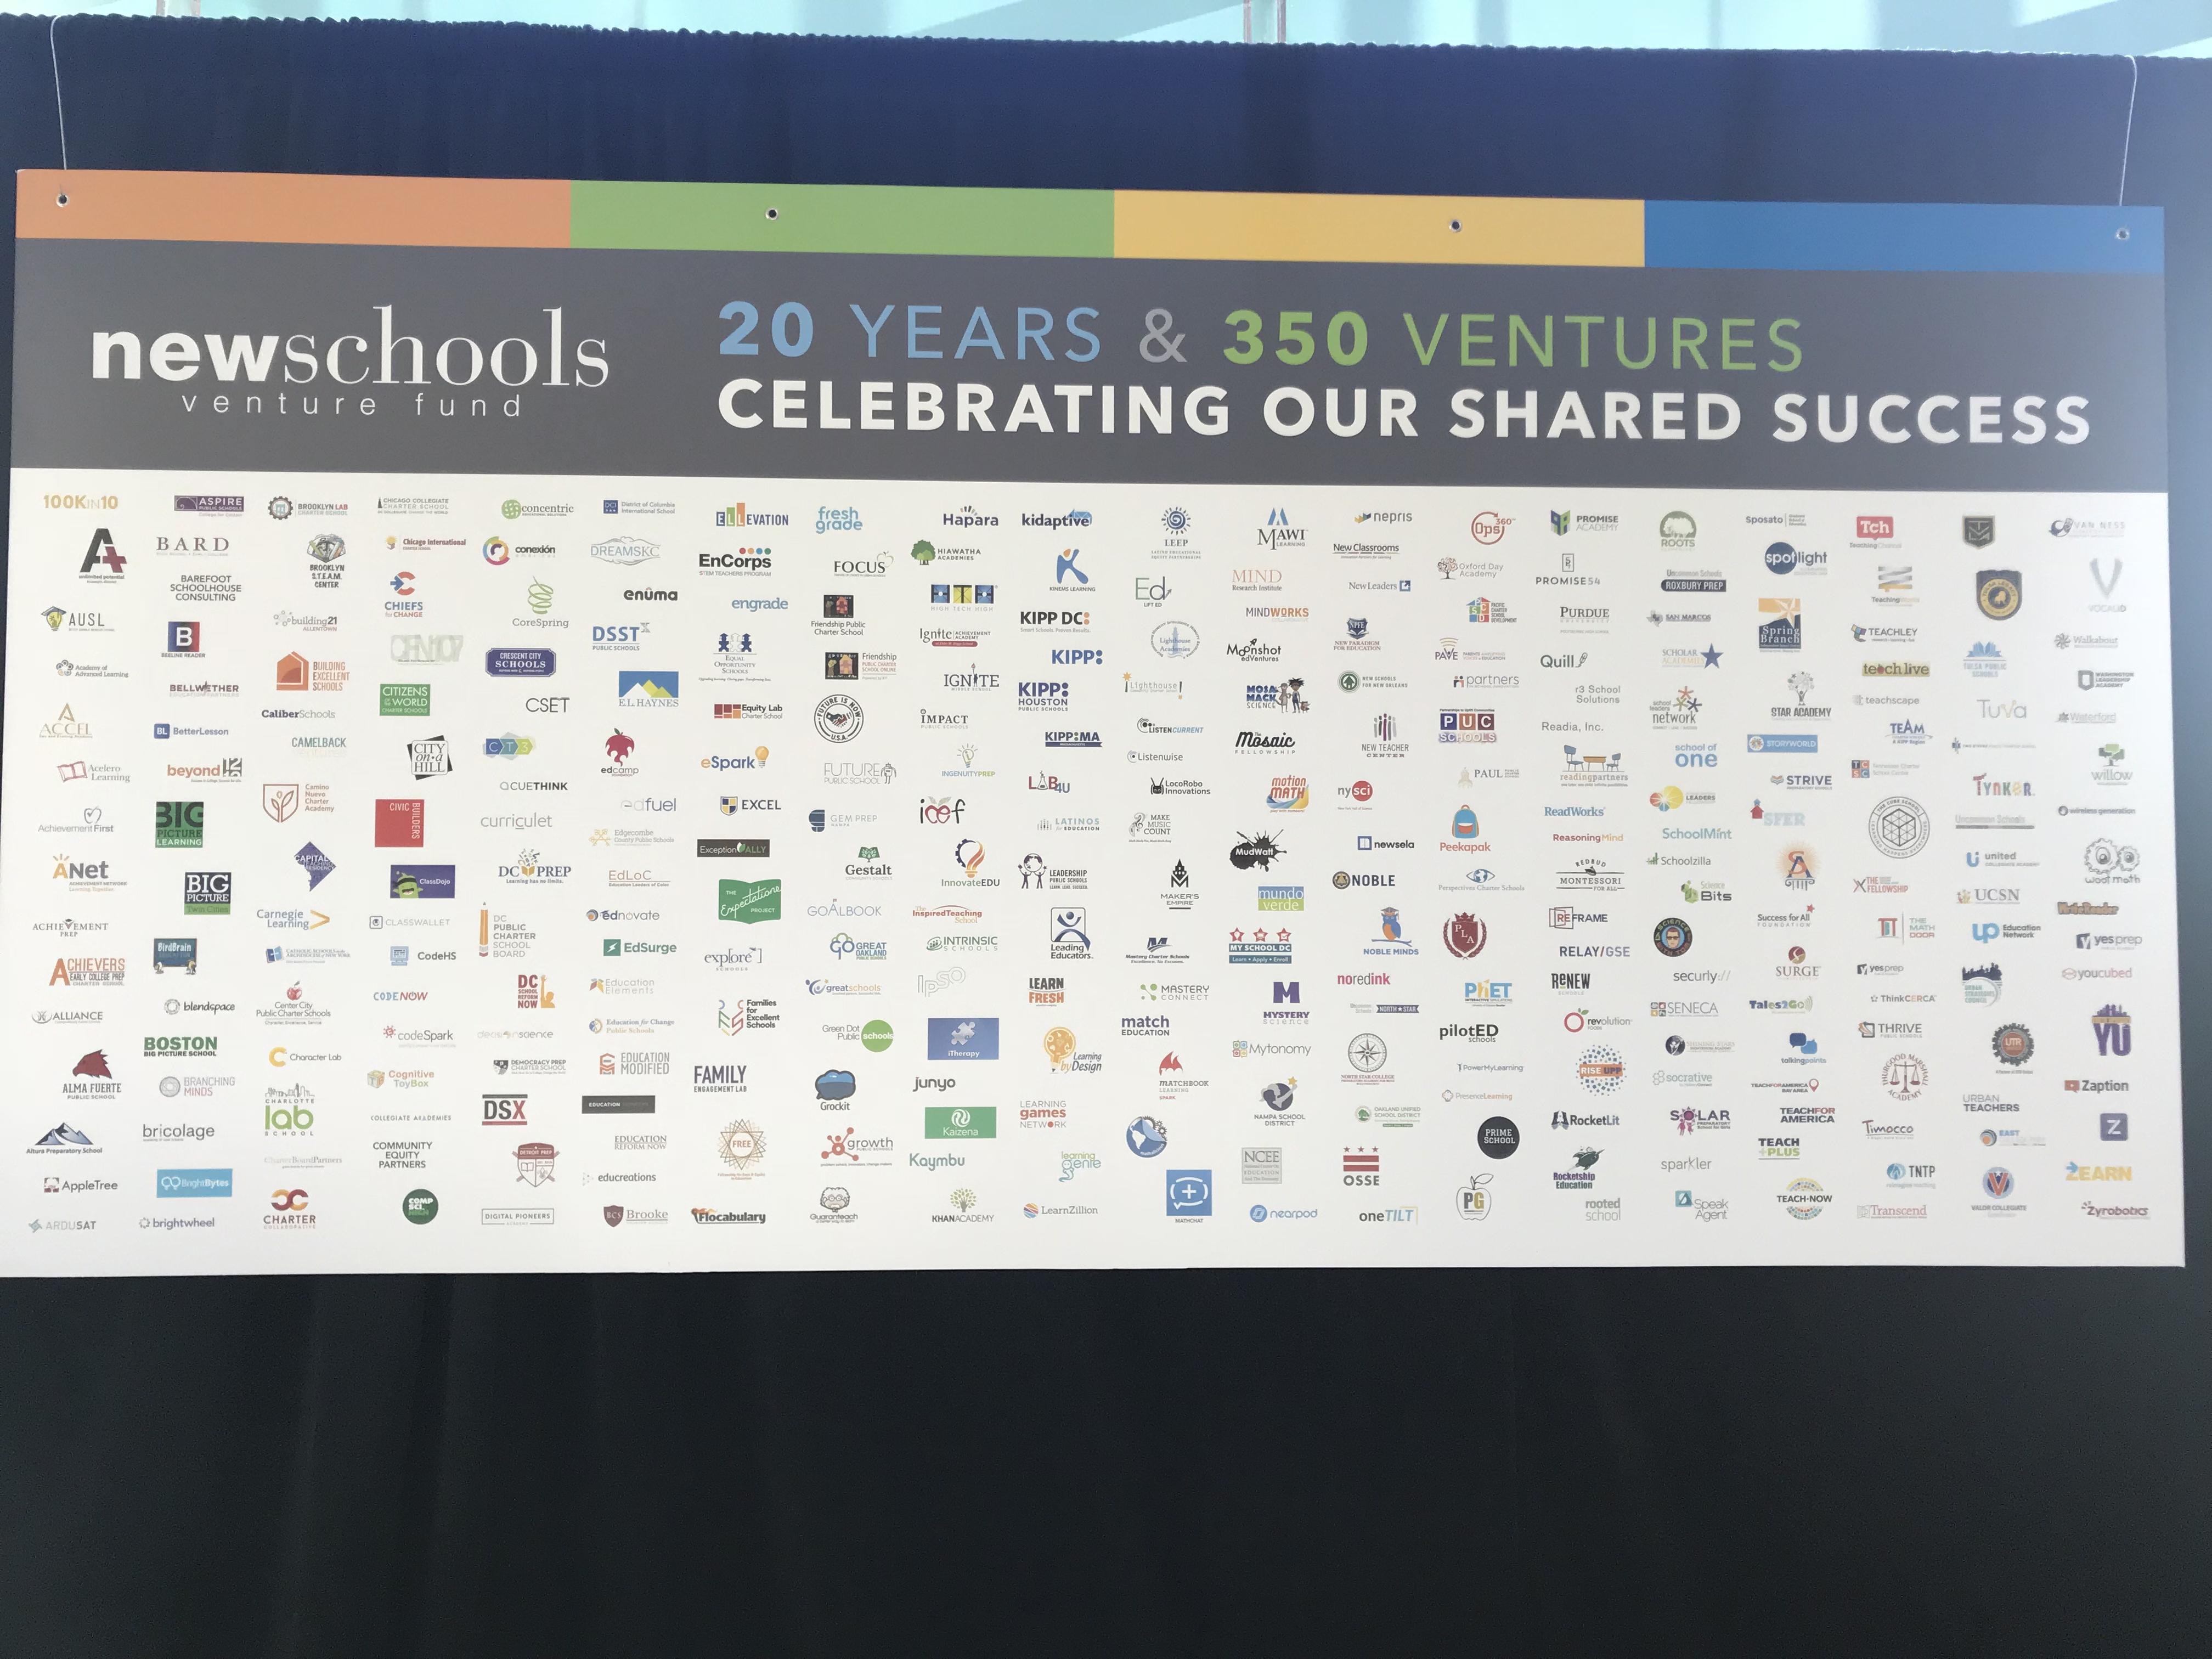 NewSchools Summit 2018: Key Takeaways and Insights